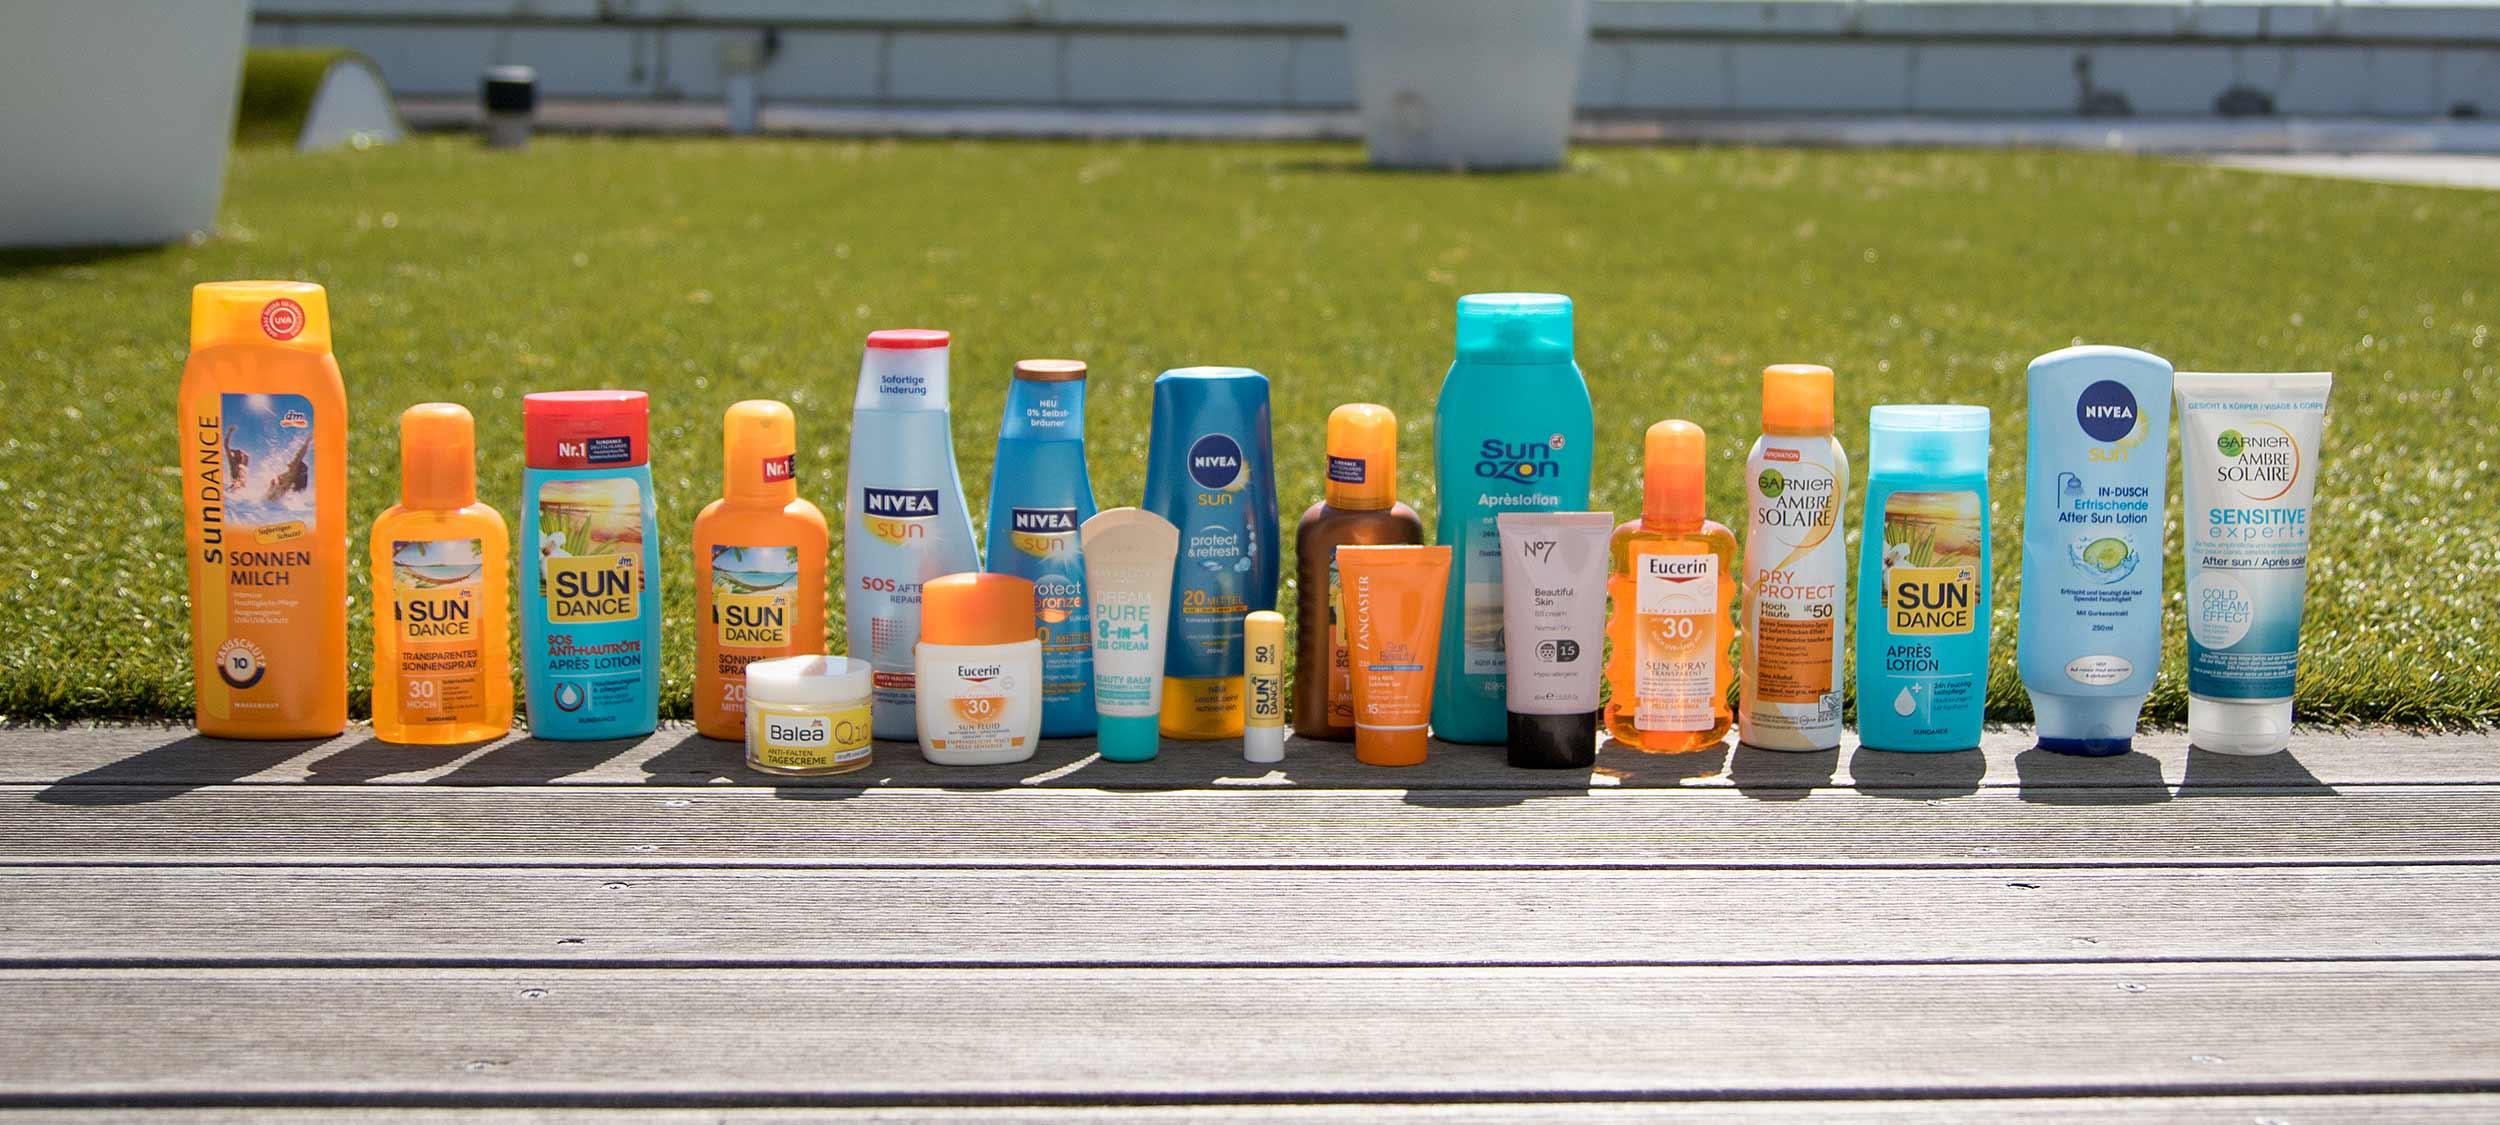 Sonnenschutz – So geht's richtig